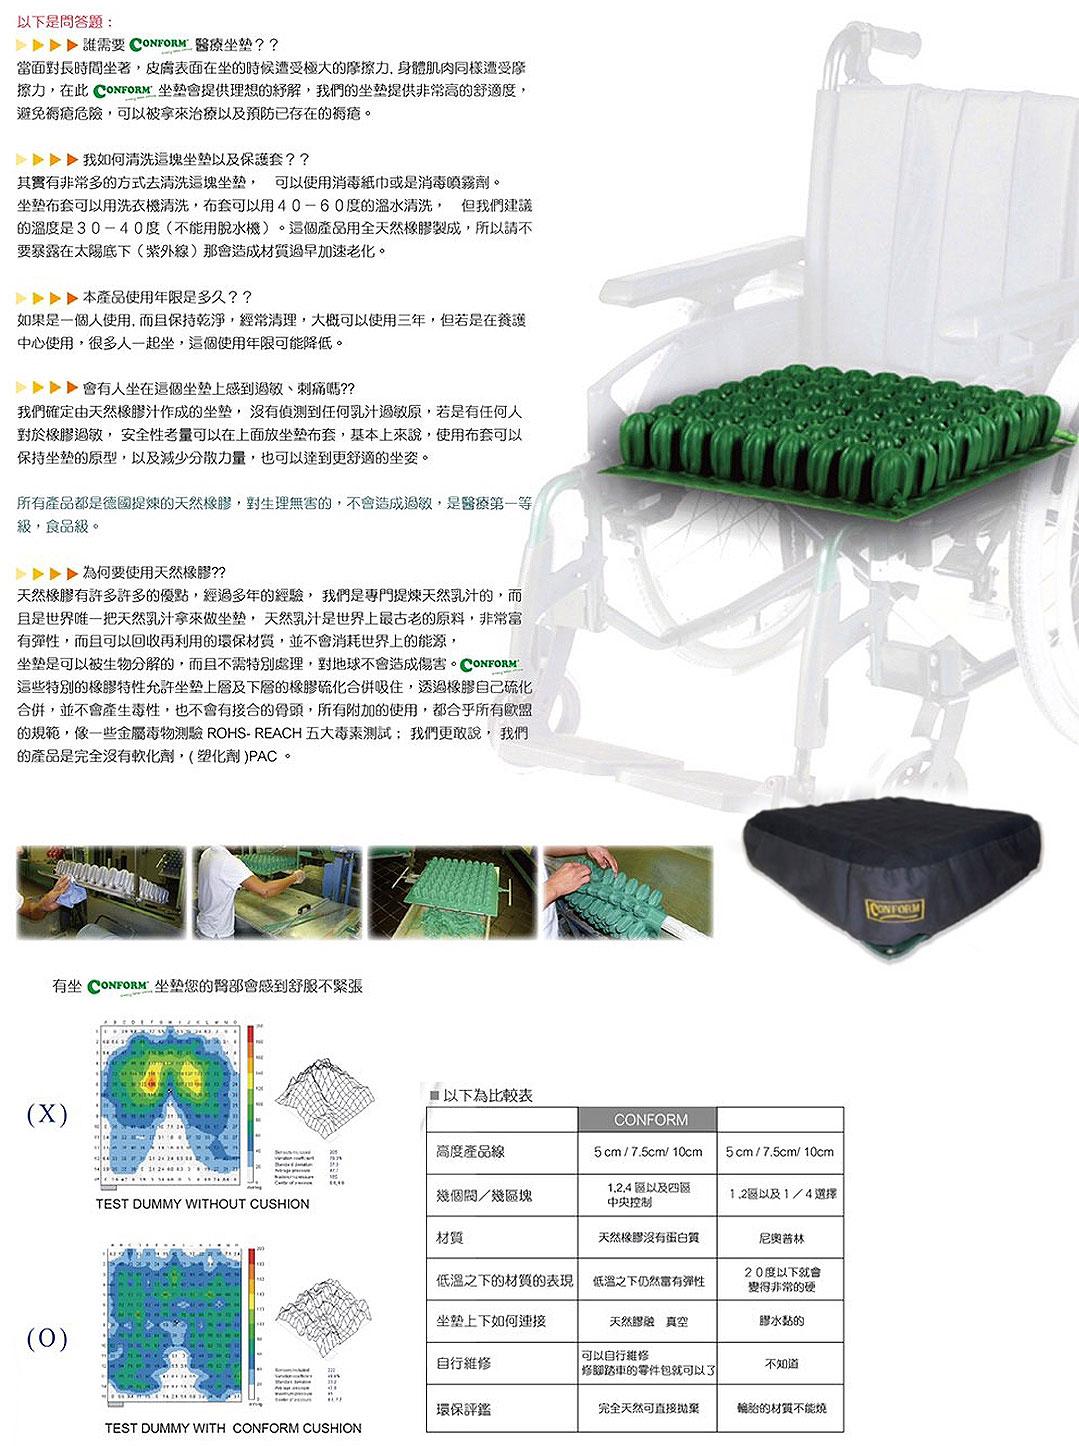 防褥氣墊座CONFORM(一區浮動坐墊)